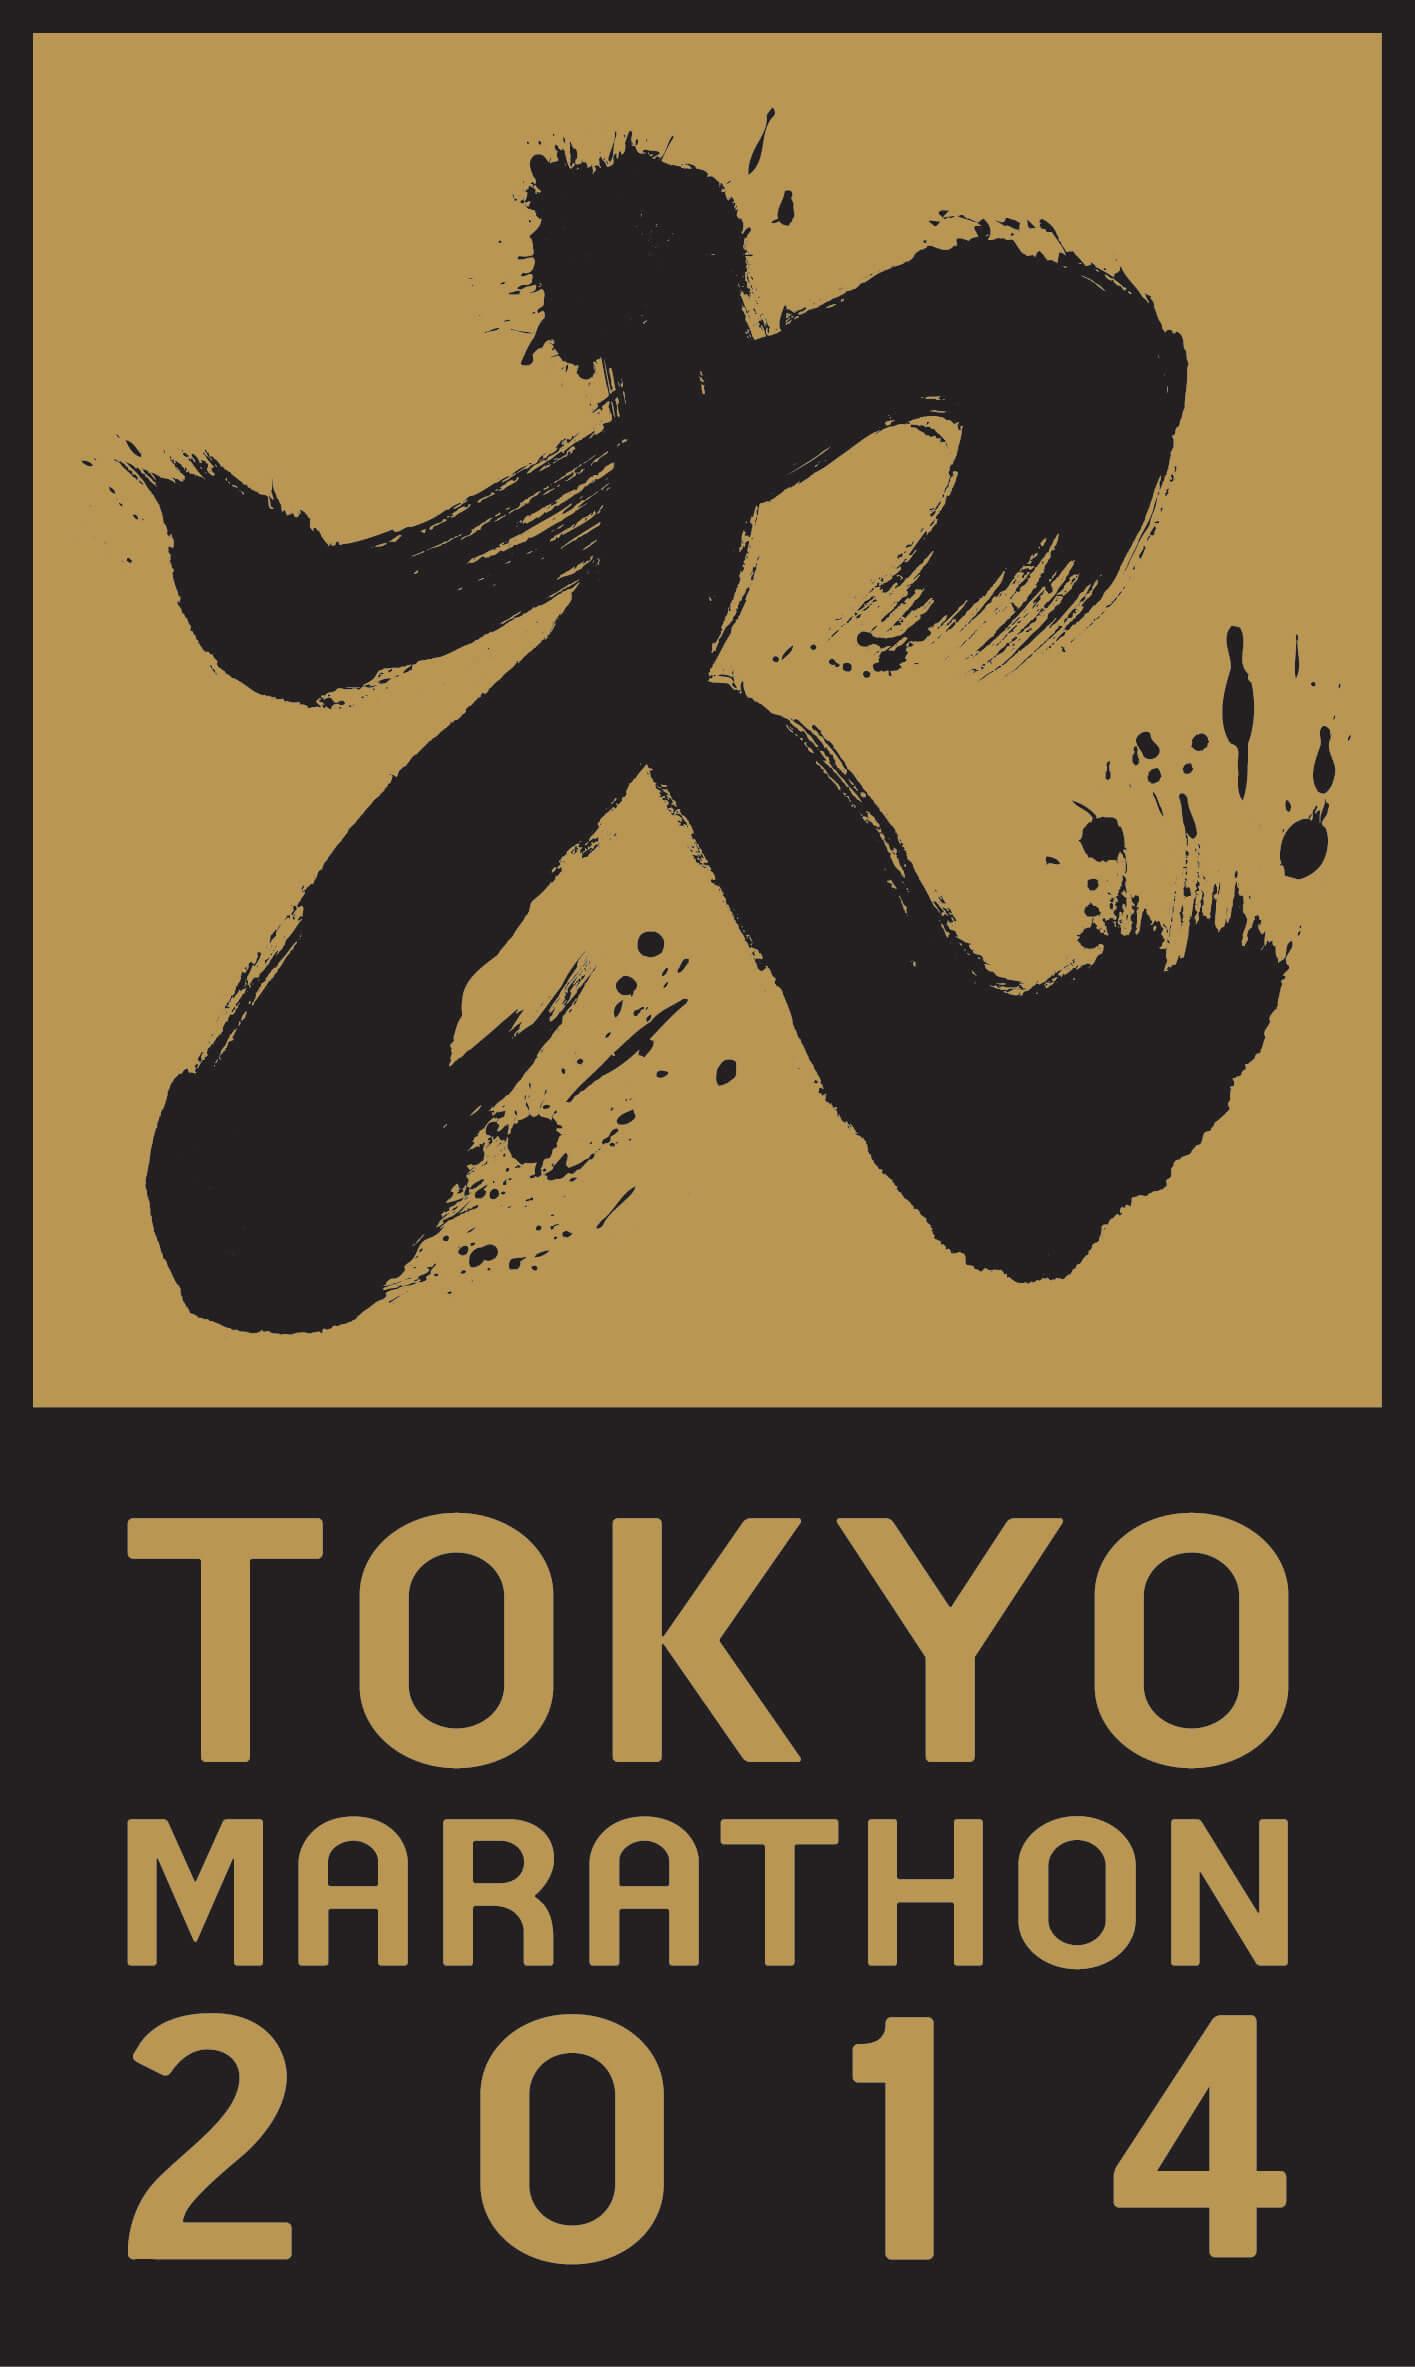 2014 Tokyo Marathon Logo png